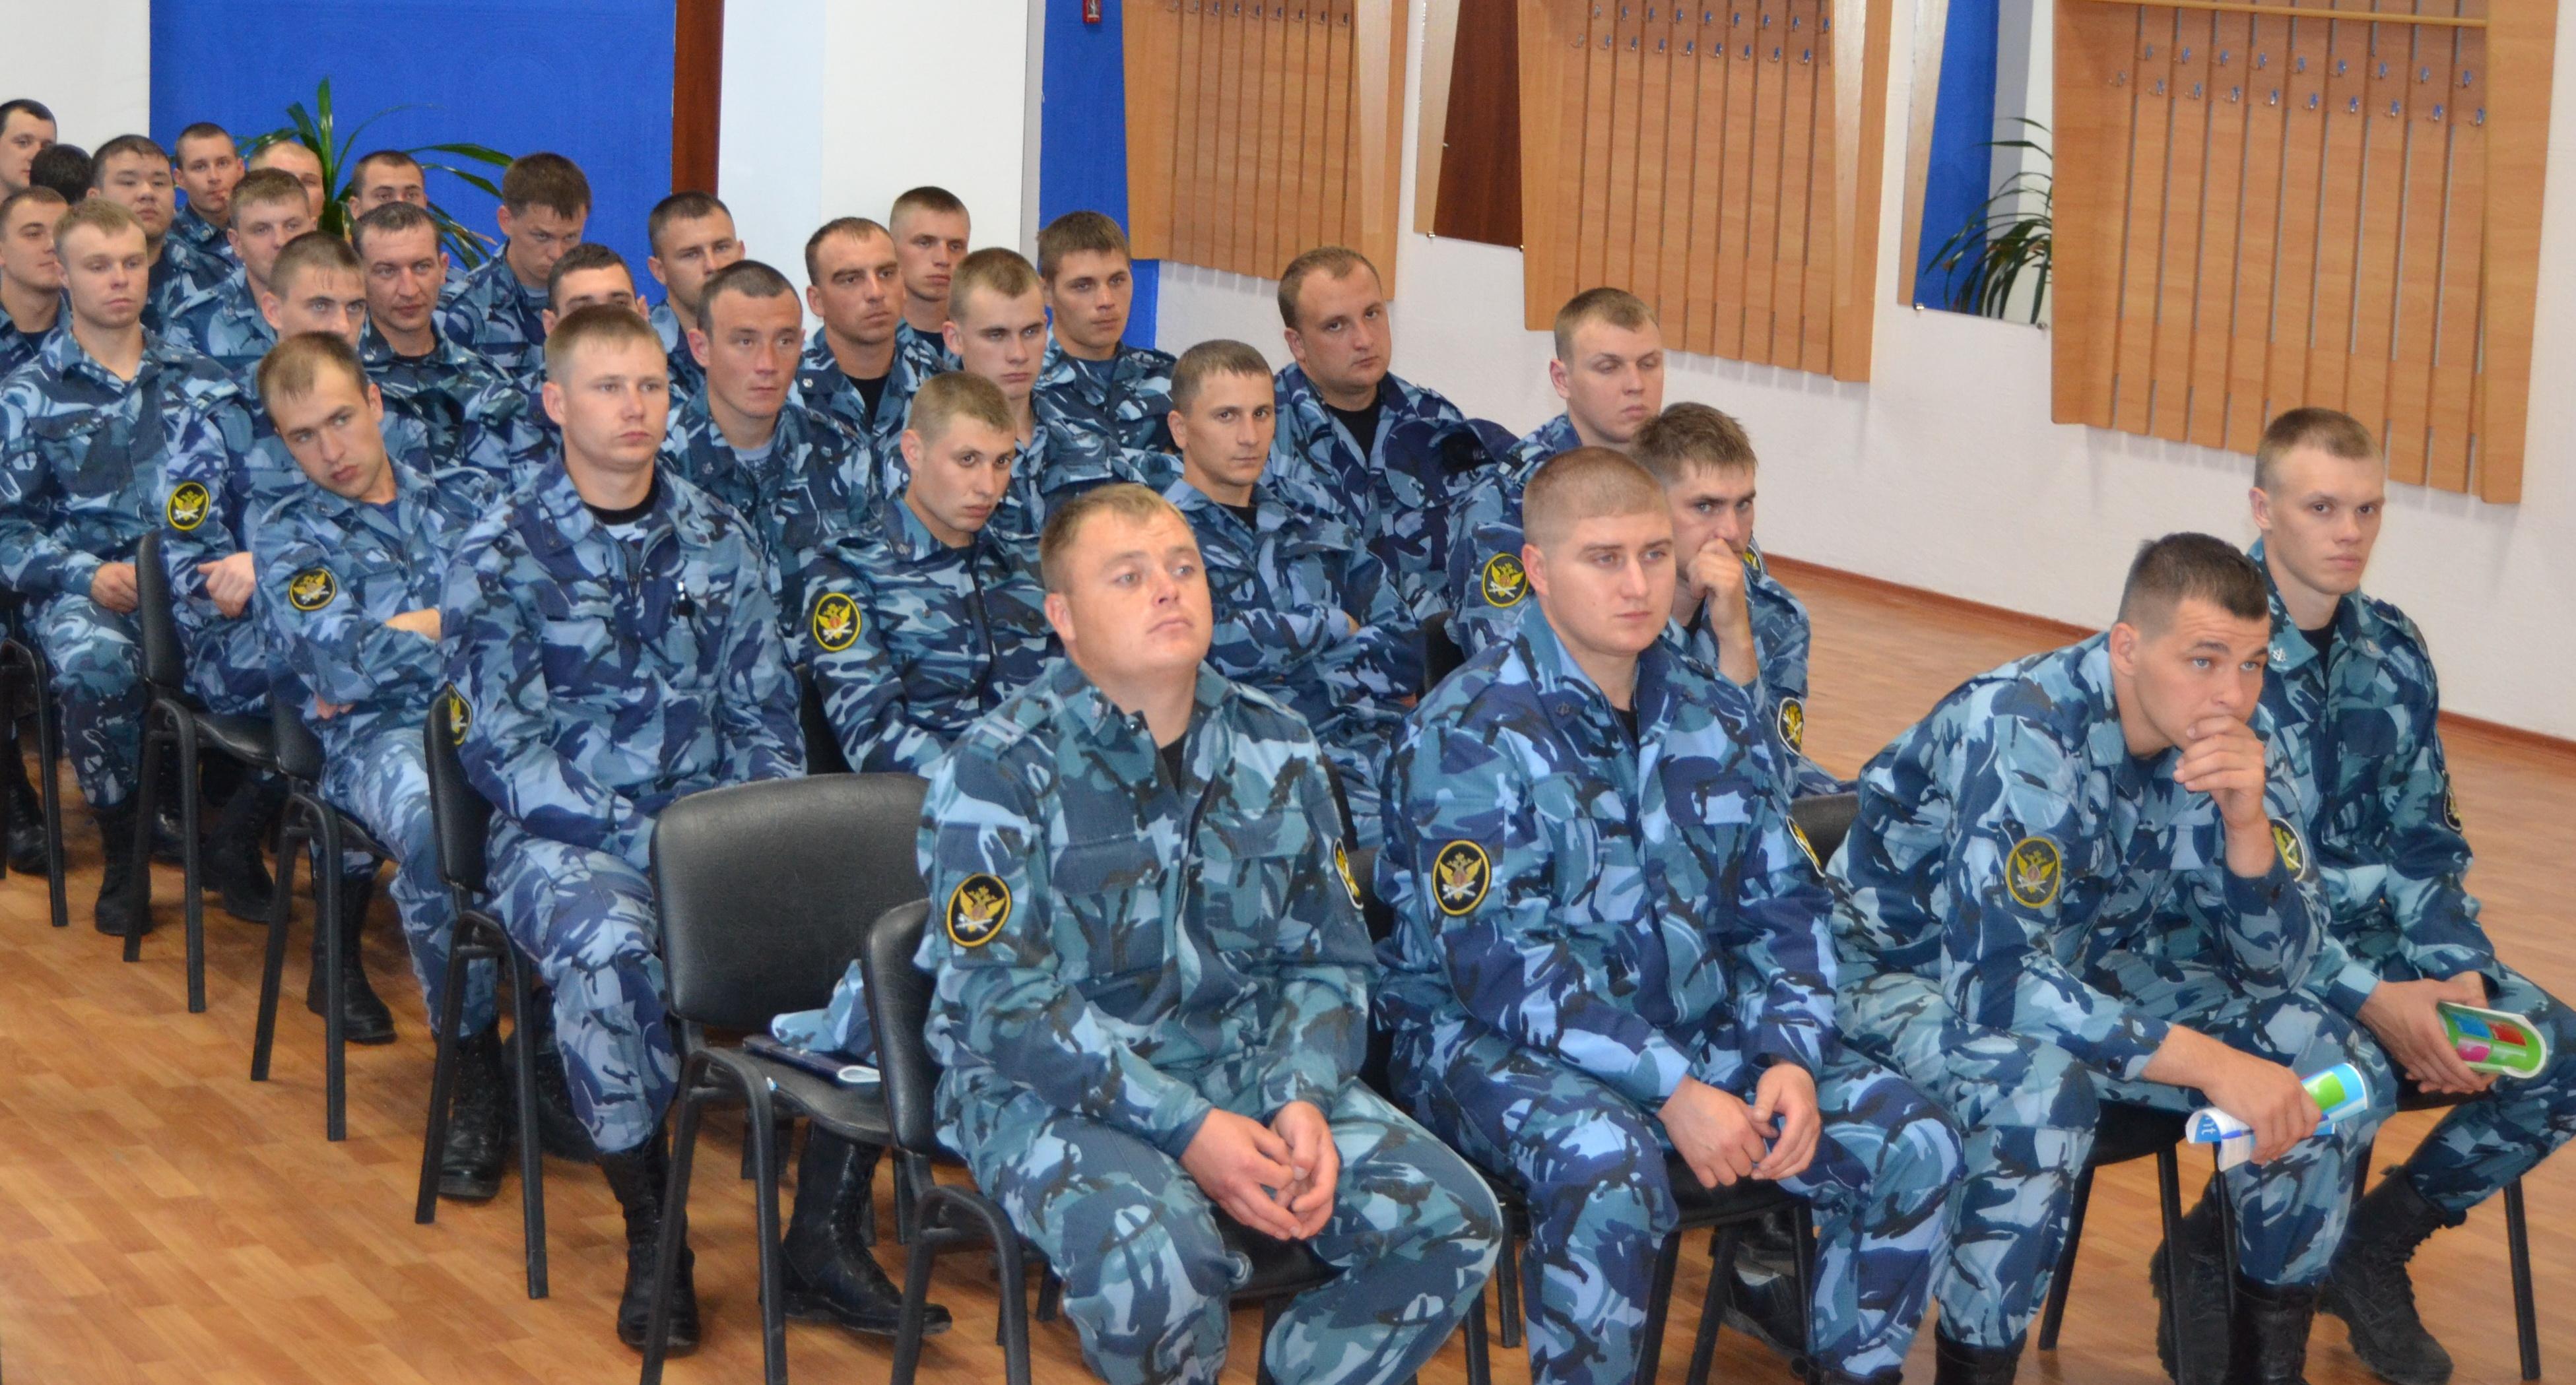 Путевки в санаторий пенсионерам московской области